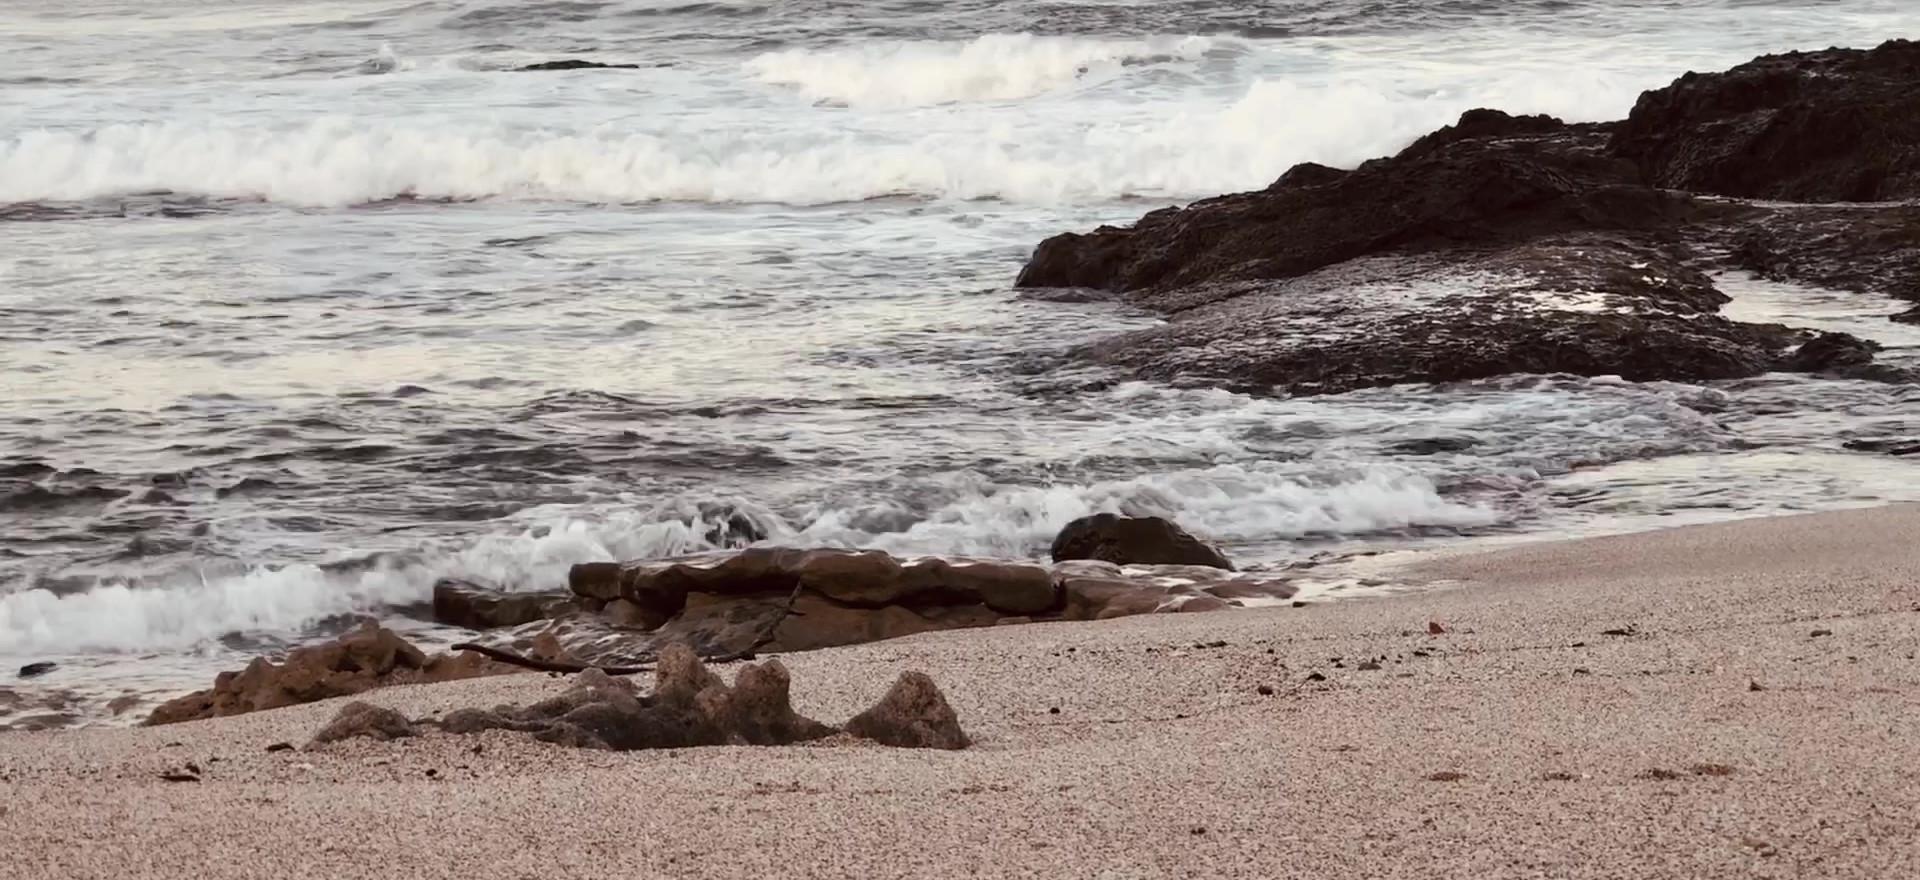 Zen Space, Peaceful Beach Sunset